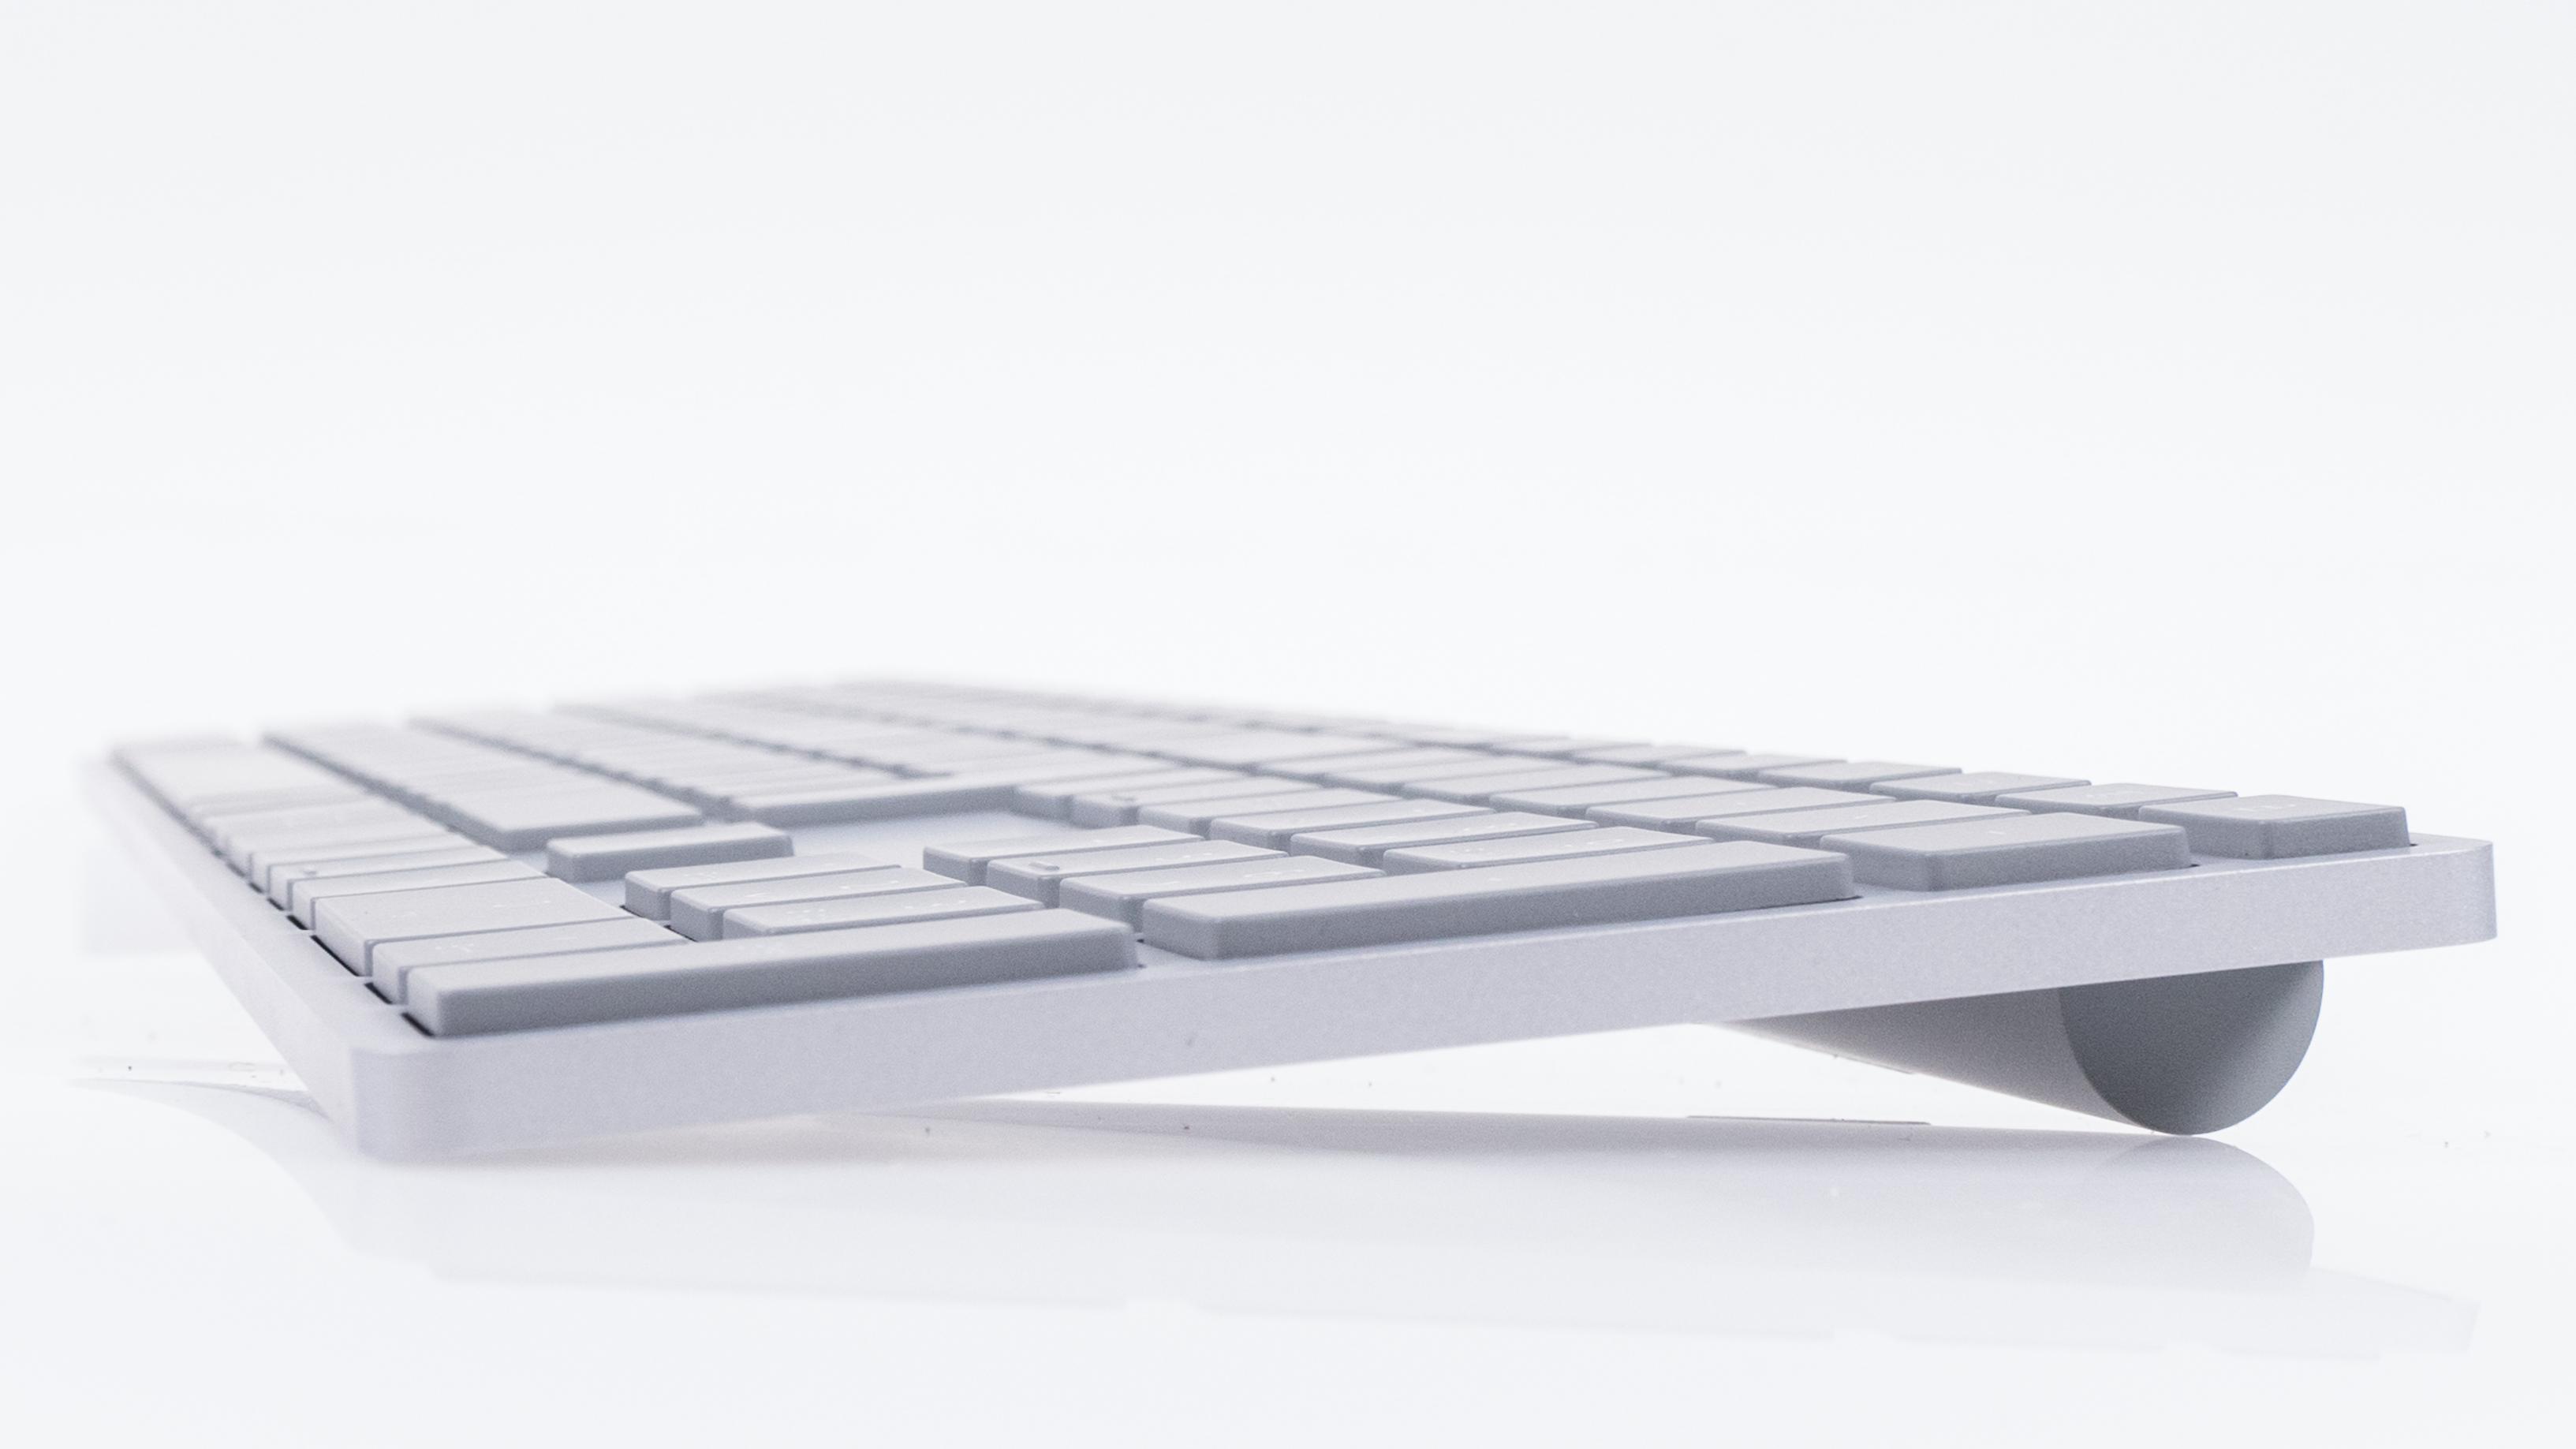 Microsoft Modern Keyboard im Test: Die Suche nach dem Lieblingsschreibinstrument - Microsoft Modern Keyboard (Bild: Oliver Nickel/Golem.de)